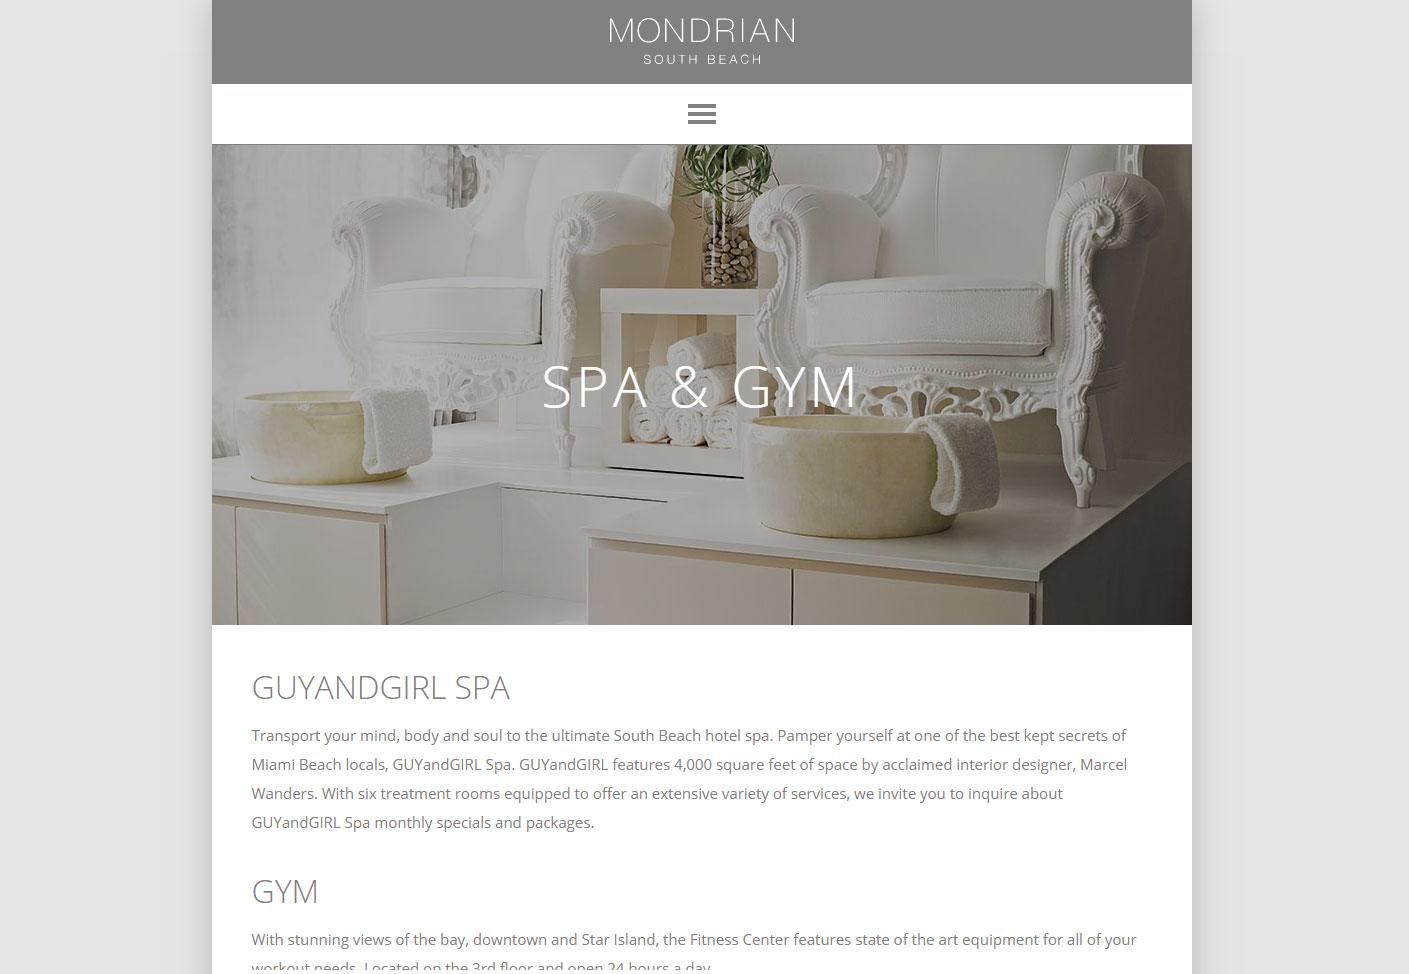 mondrian hotel design